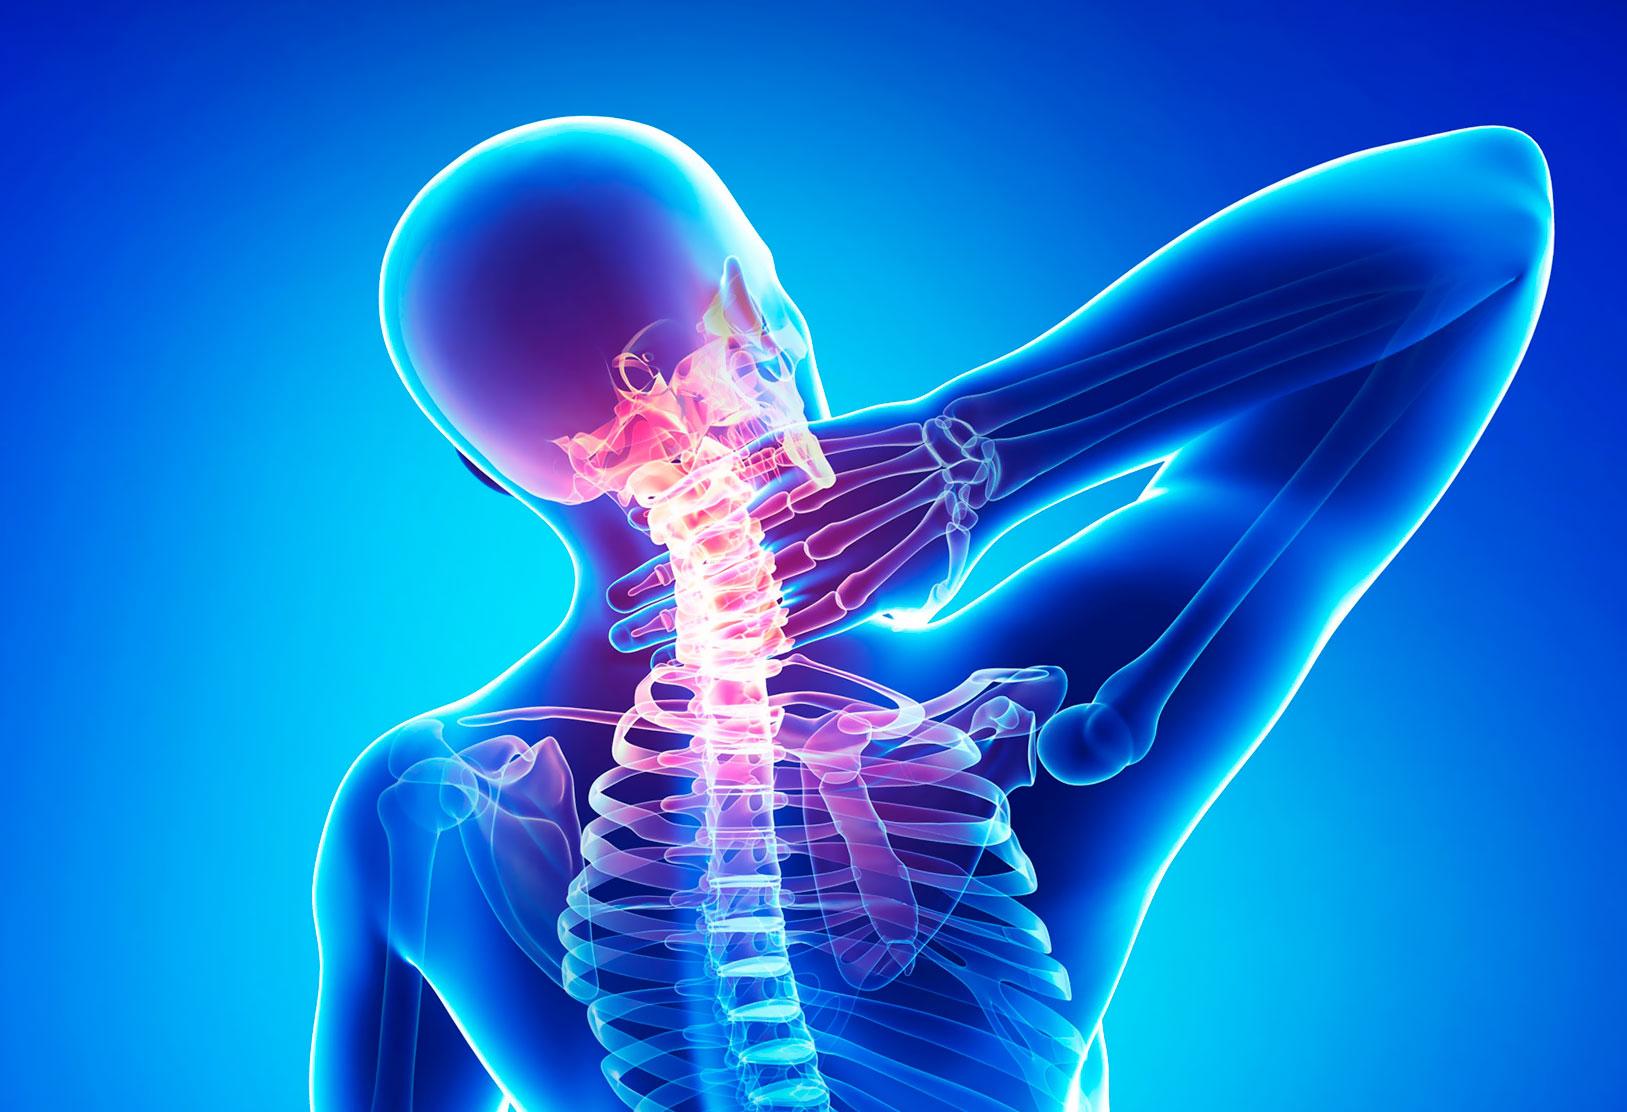 Остеохондроз 1 степени симптомы и лечение. Чем опасно для позвоночника?